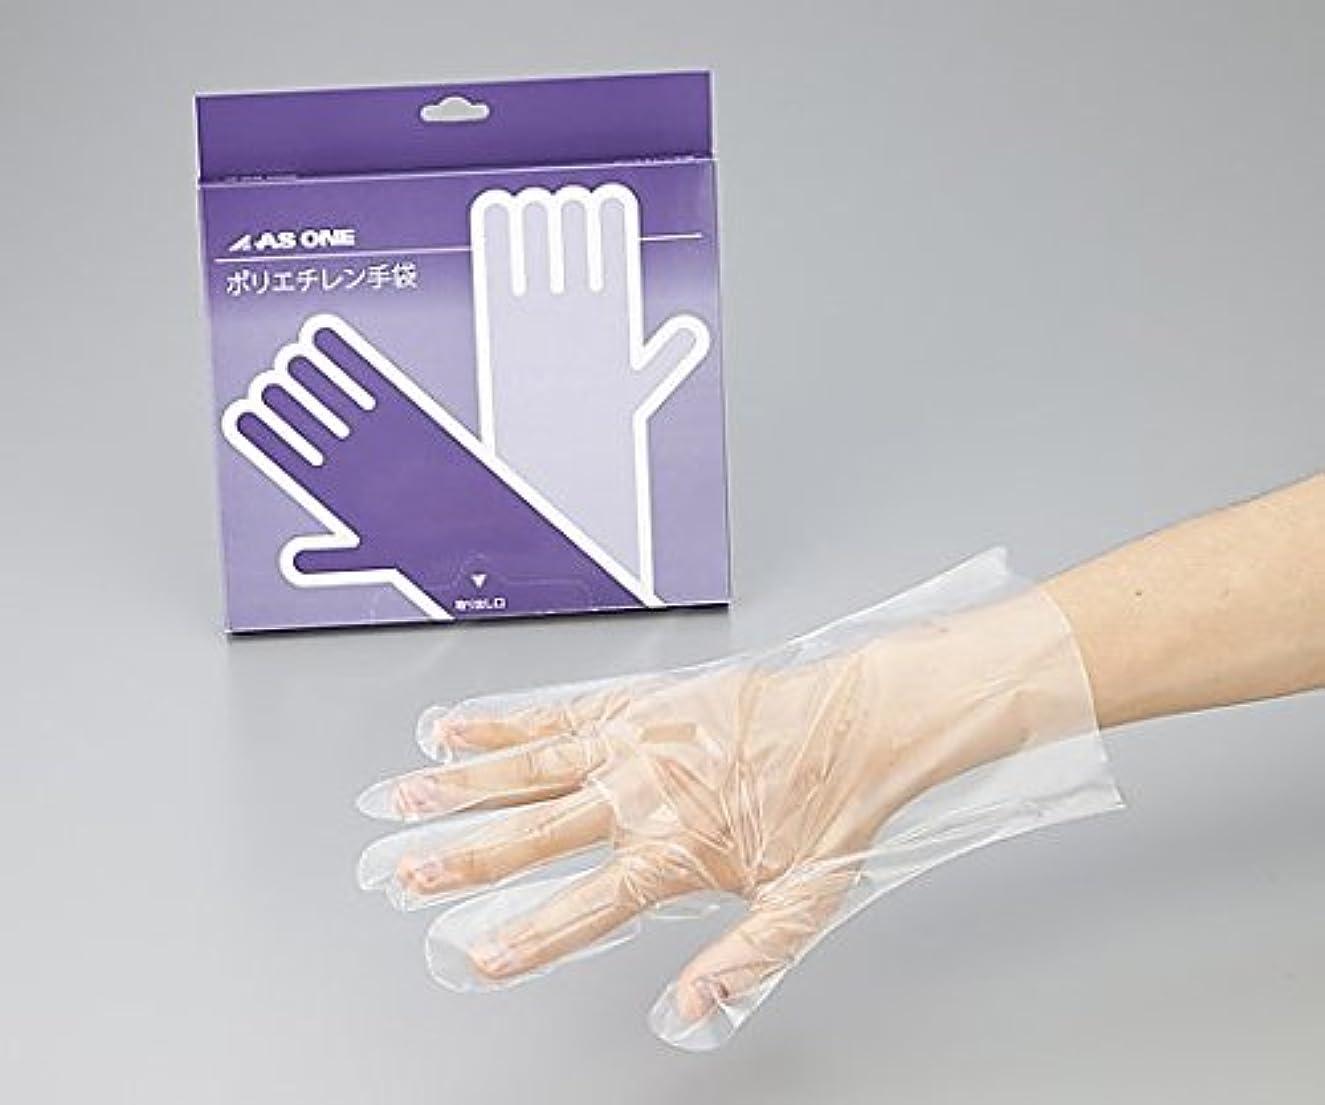 廊下レタスシステムアズワン2-4976-02ポリエチレン手袋スタンダード標準厚外エンボス付M100枚入